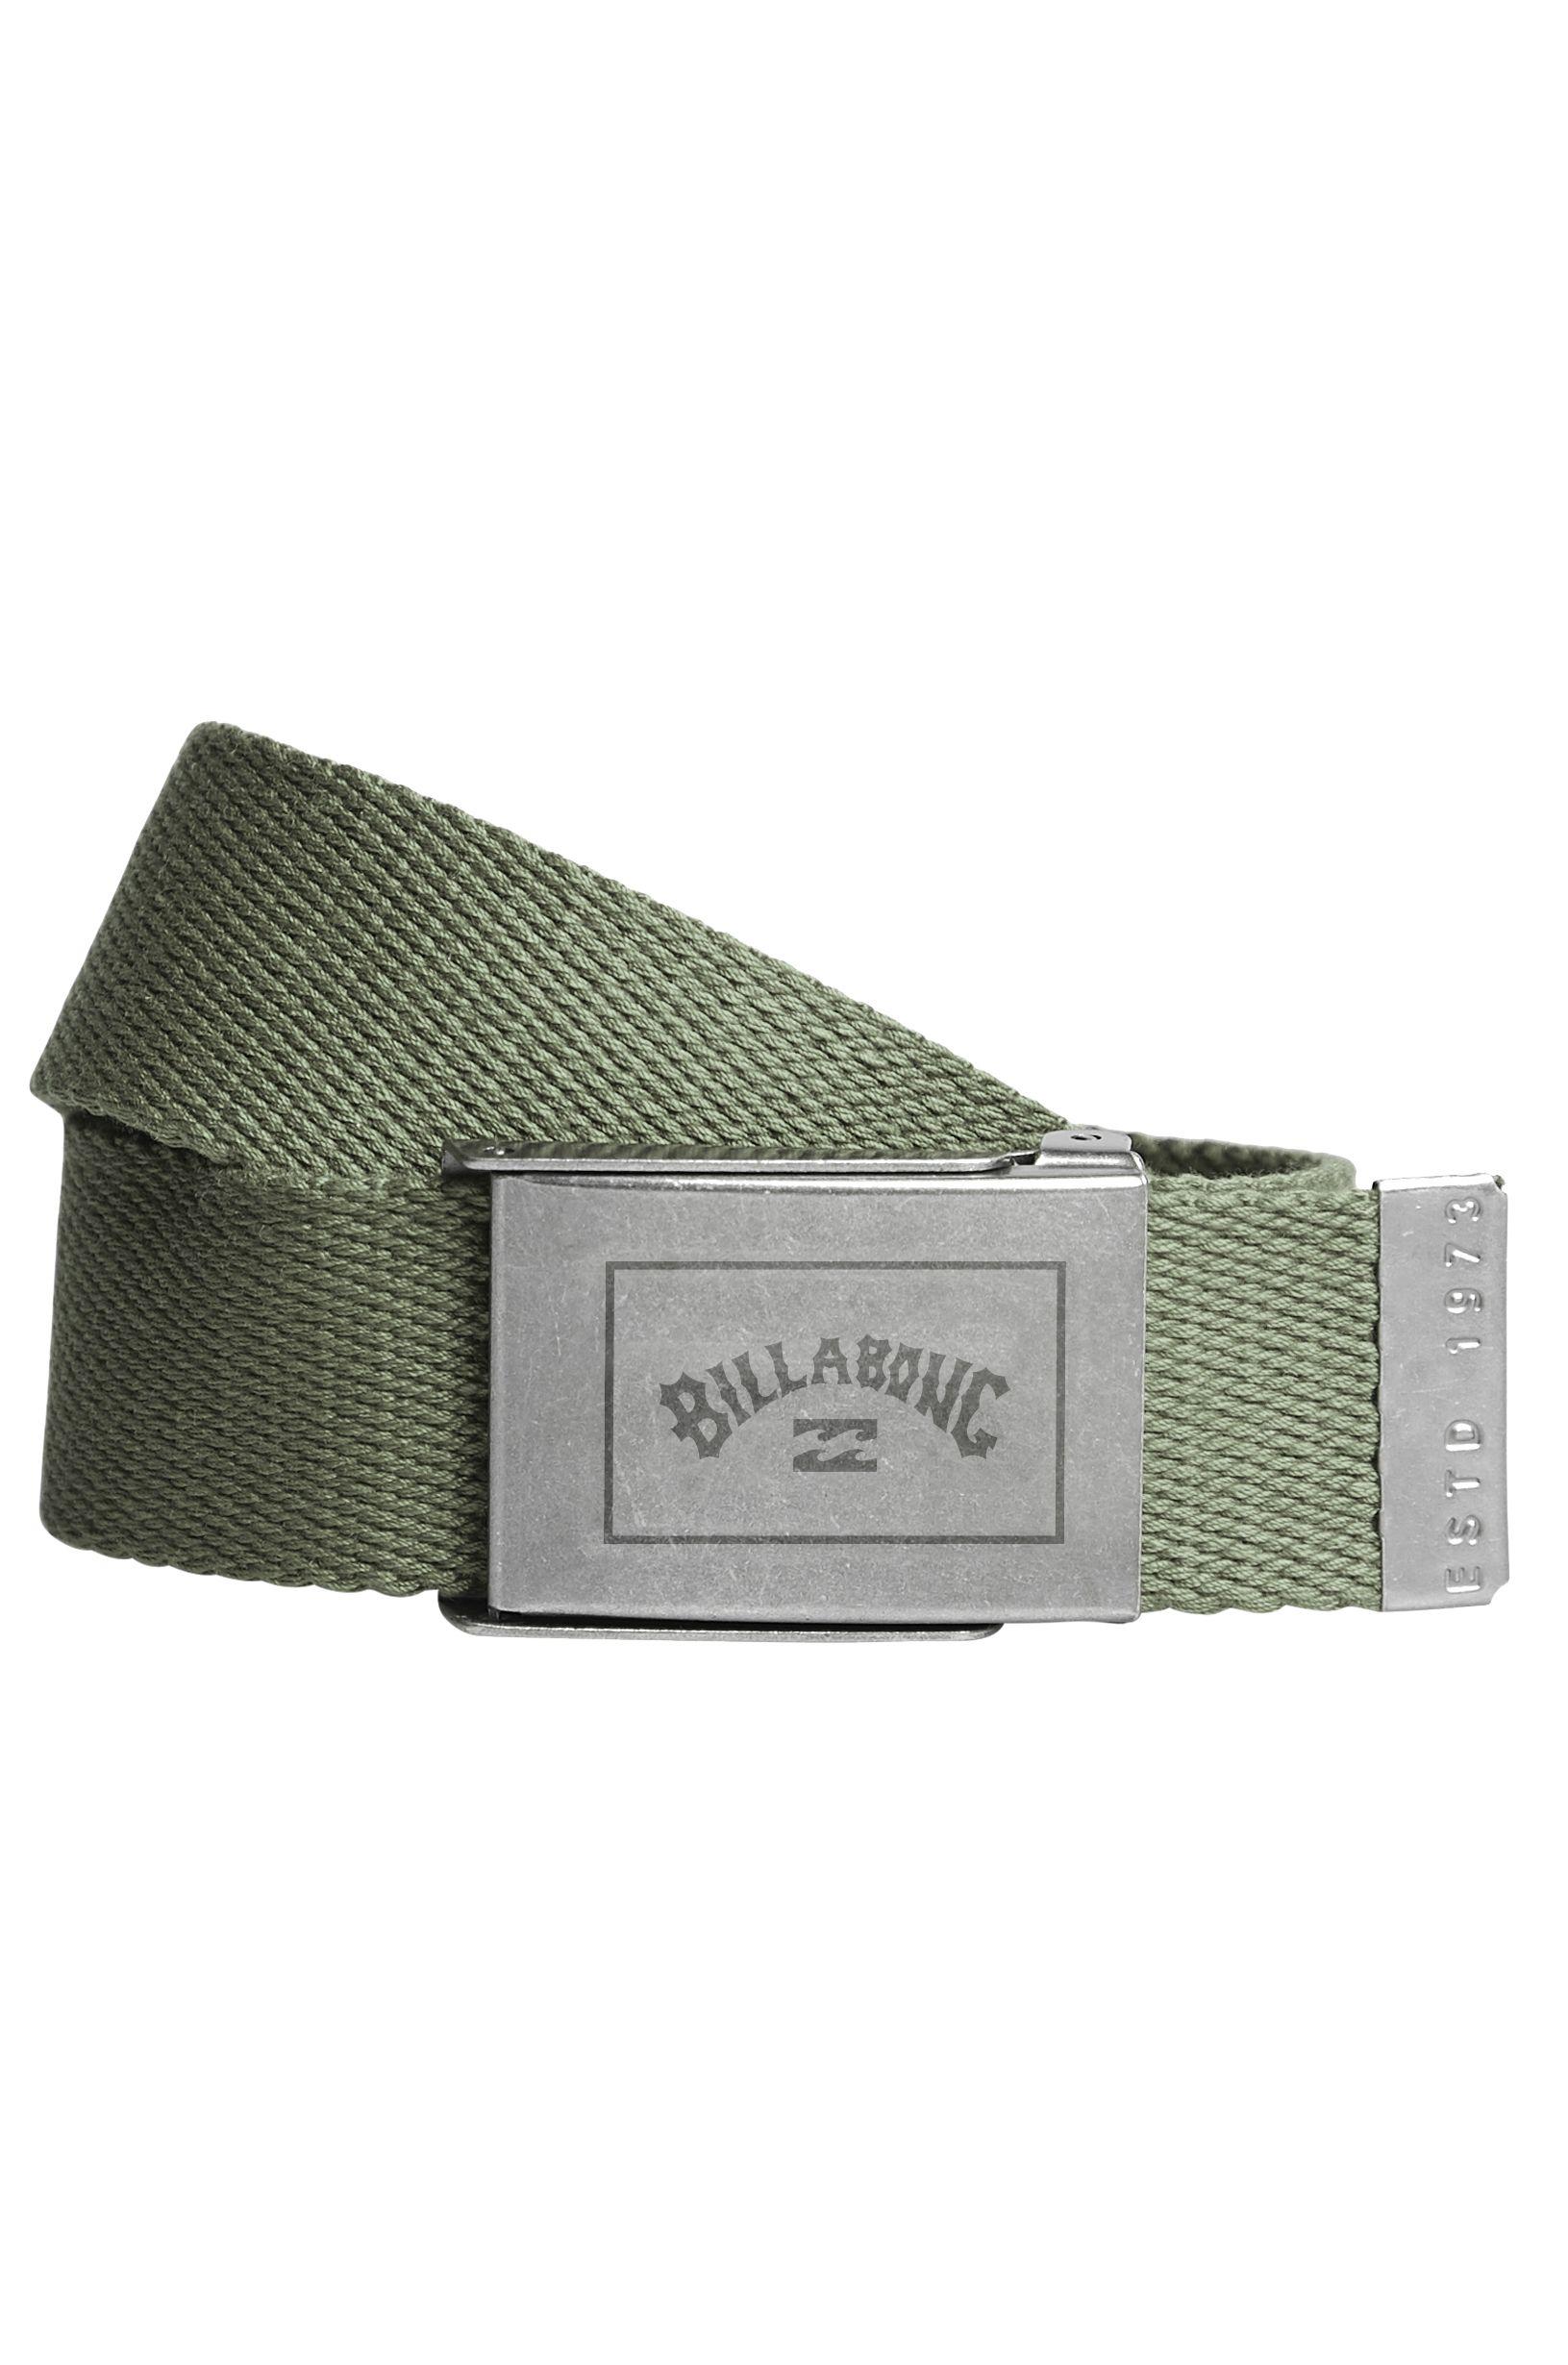 Billabong Belt SERGEANT BELT Military